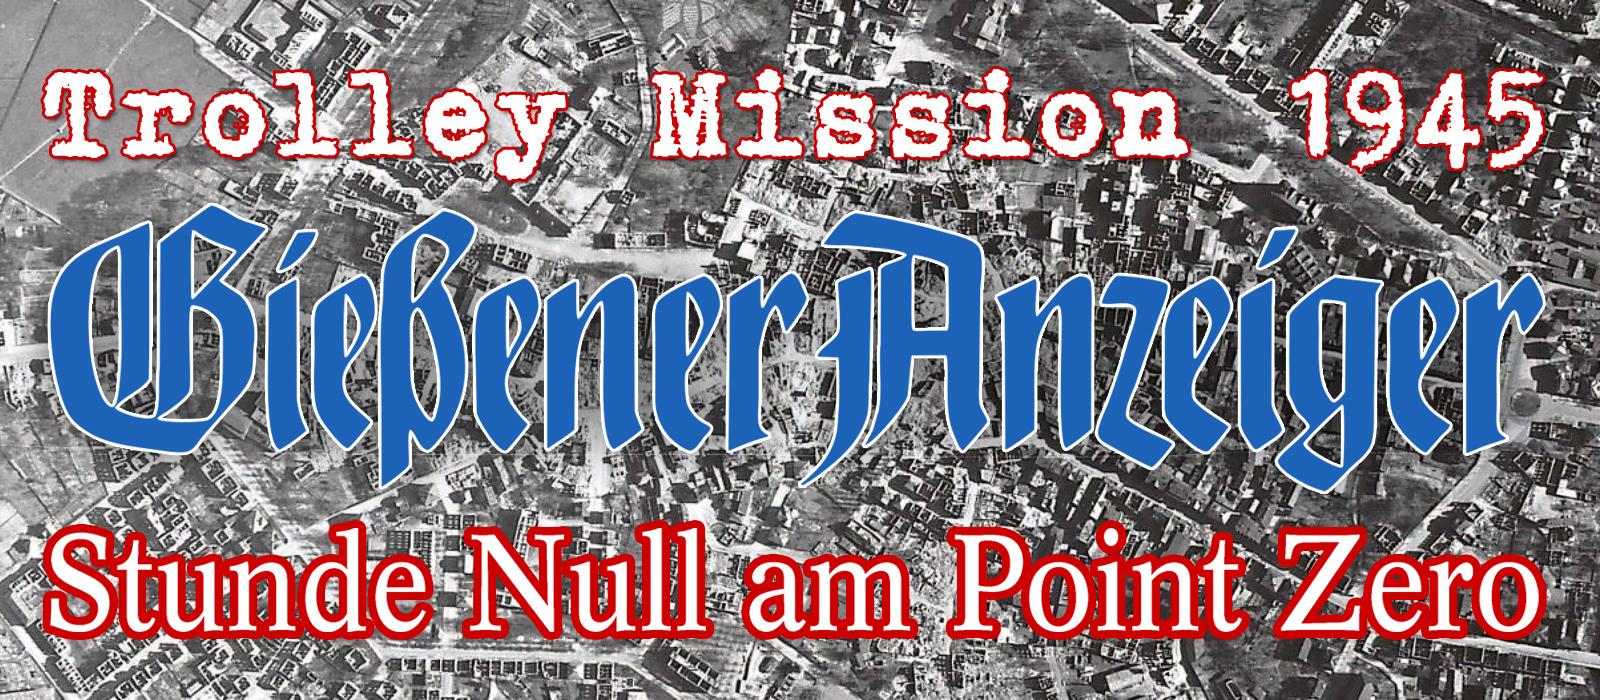 Der Gießener Anzeiger berichtet über die Trolley Mission und die zerstörte Stadt Gießen